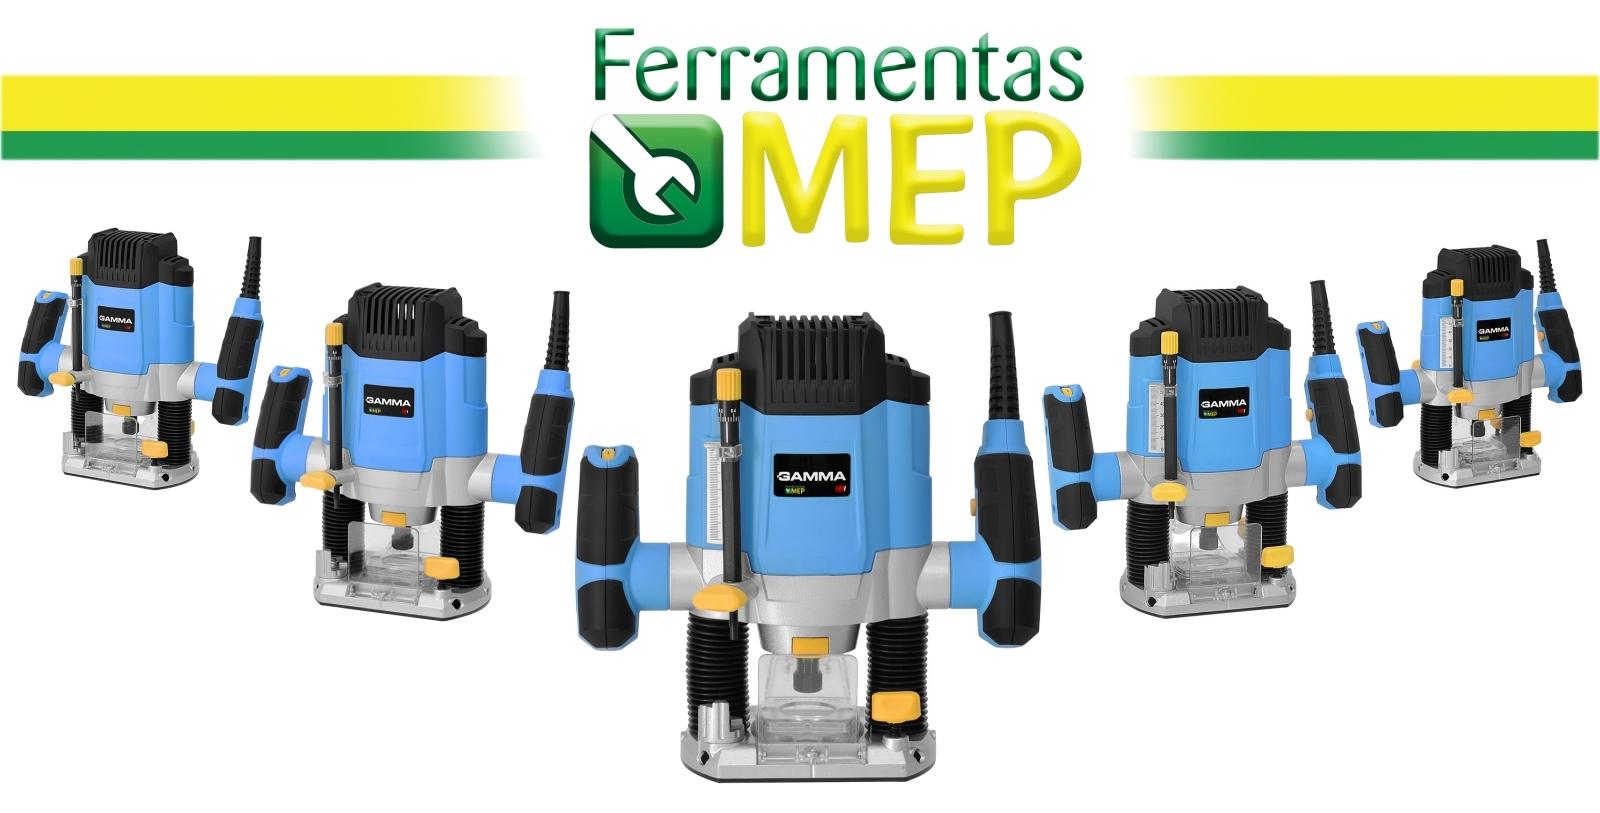 Tupia De Coluna Madeira 1200w Gamma + Jogo De Fresa Com 12pç - Ferramentas MEP